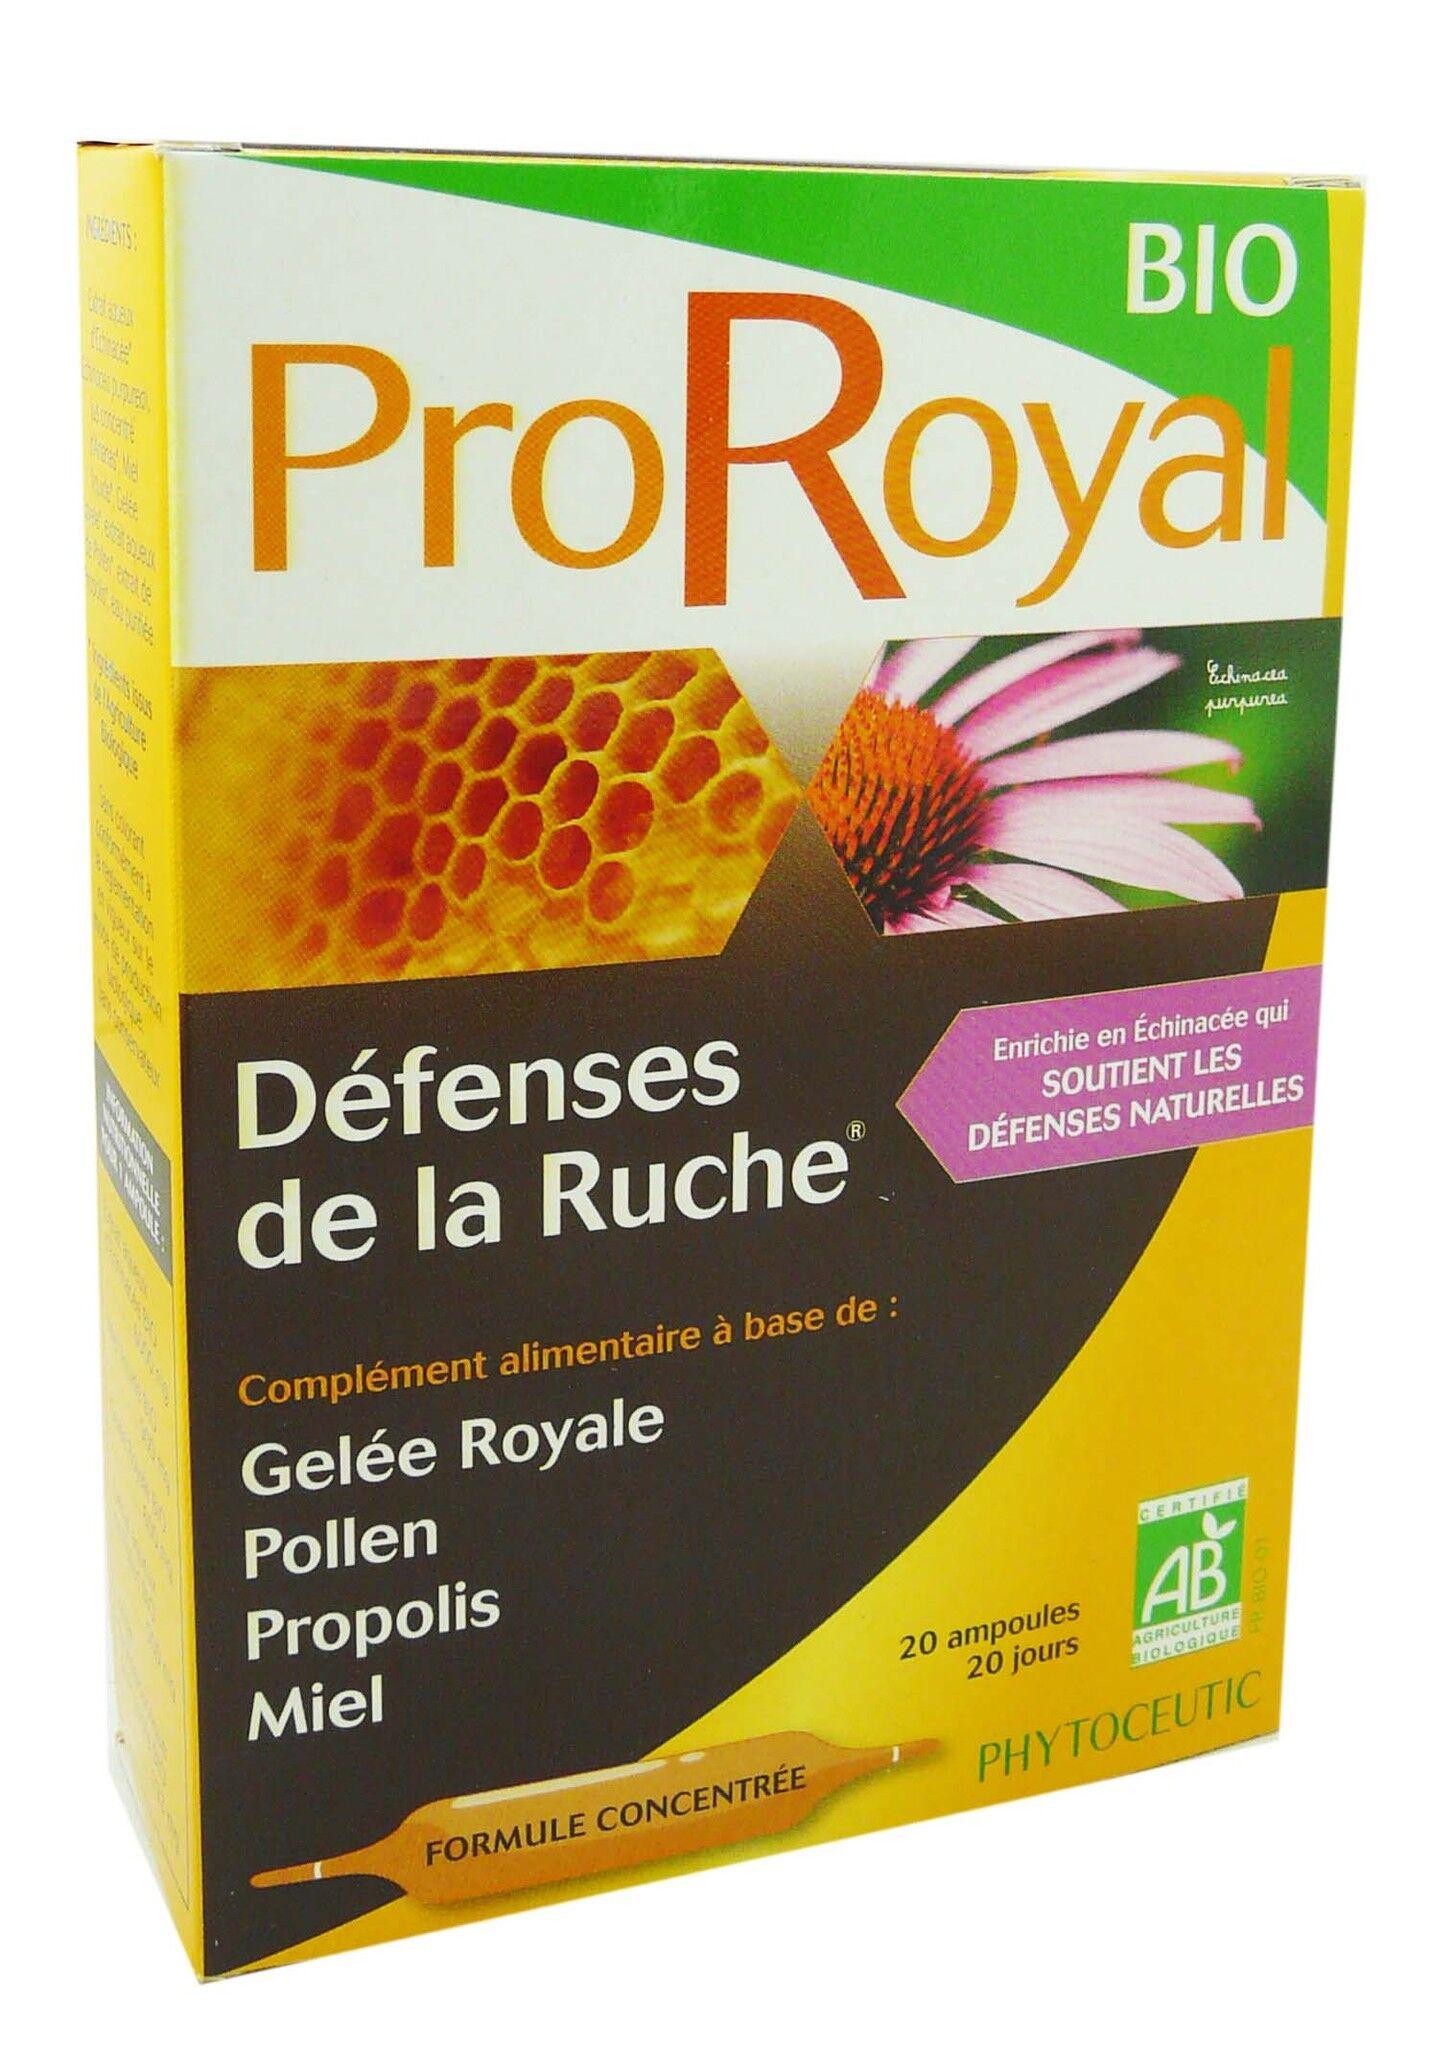 PHYTOCEUTIC Proroyal bio defenses de la ruche 20 ampoules